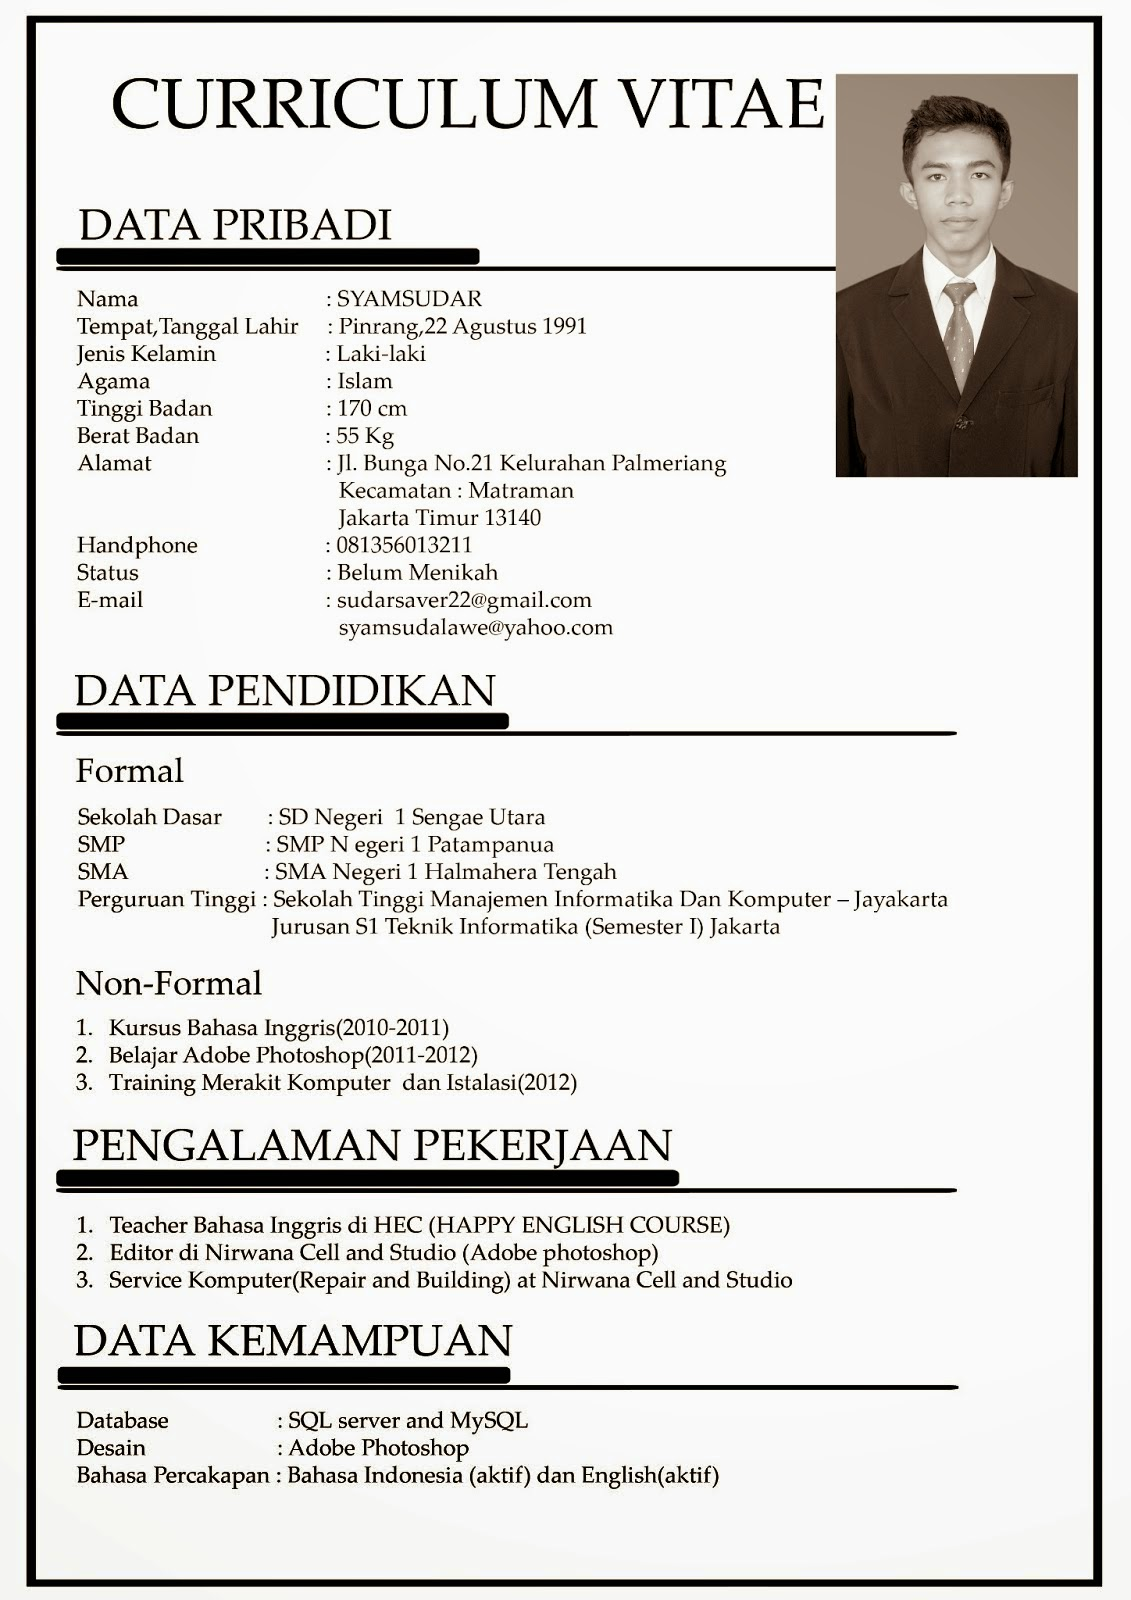 Contoh Curriculum Vitae Dalam Bahasa Indonesia Yang Baik Dan Benar